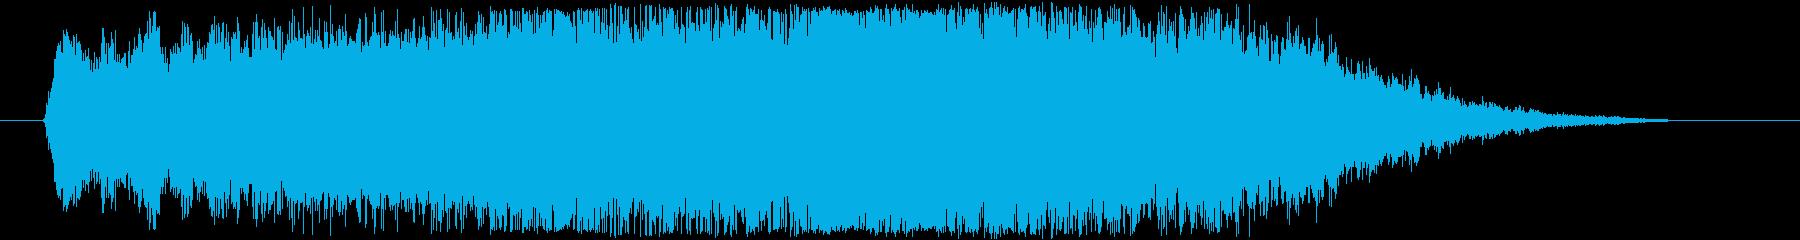 エレクトロ_ハイクオリティージングル_5の再生済みの波形